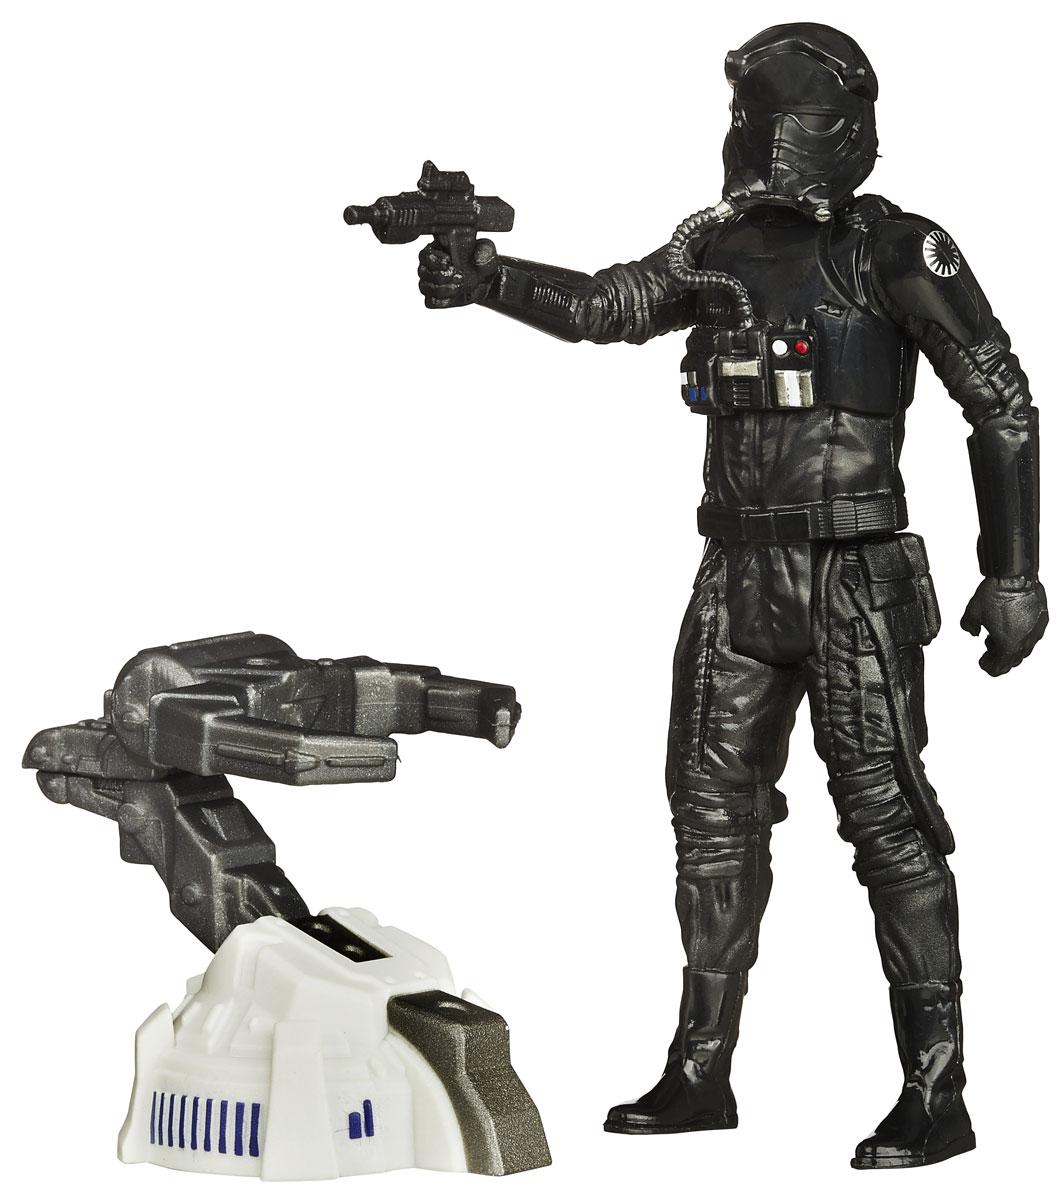 Star Wars Фигурка First Order Tie Fighter PilotB3445EU4_B3450Фигурка Tie Fighter Pilot создана в виде героя всеми любимой фантастической саги Звездные Войны. Фигурка из пластика проработана до мельчайших деталей и является точной копией своего прототипа в уменьшенном размере. Конечности фигурки подвижны: поворачивается голова, сгибаются ноги и руки. Все это сделает игру реалистичной и разнообразной. Герой Tie Fighter Pilot - опытный пилот первого порядка, который на передовом истребителе выслеживает вражеские суда и защищает пространство вокруг установок и военных кораблей. Такая фигурка непременно понравится поклоннику Звездных войн и станет замечательным украшением любой коллекции. В наборе: фигурка и снаряжение.